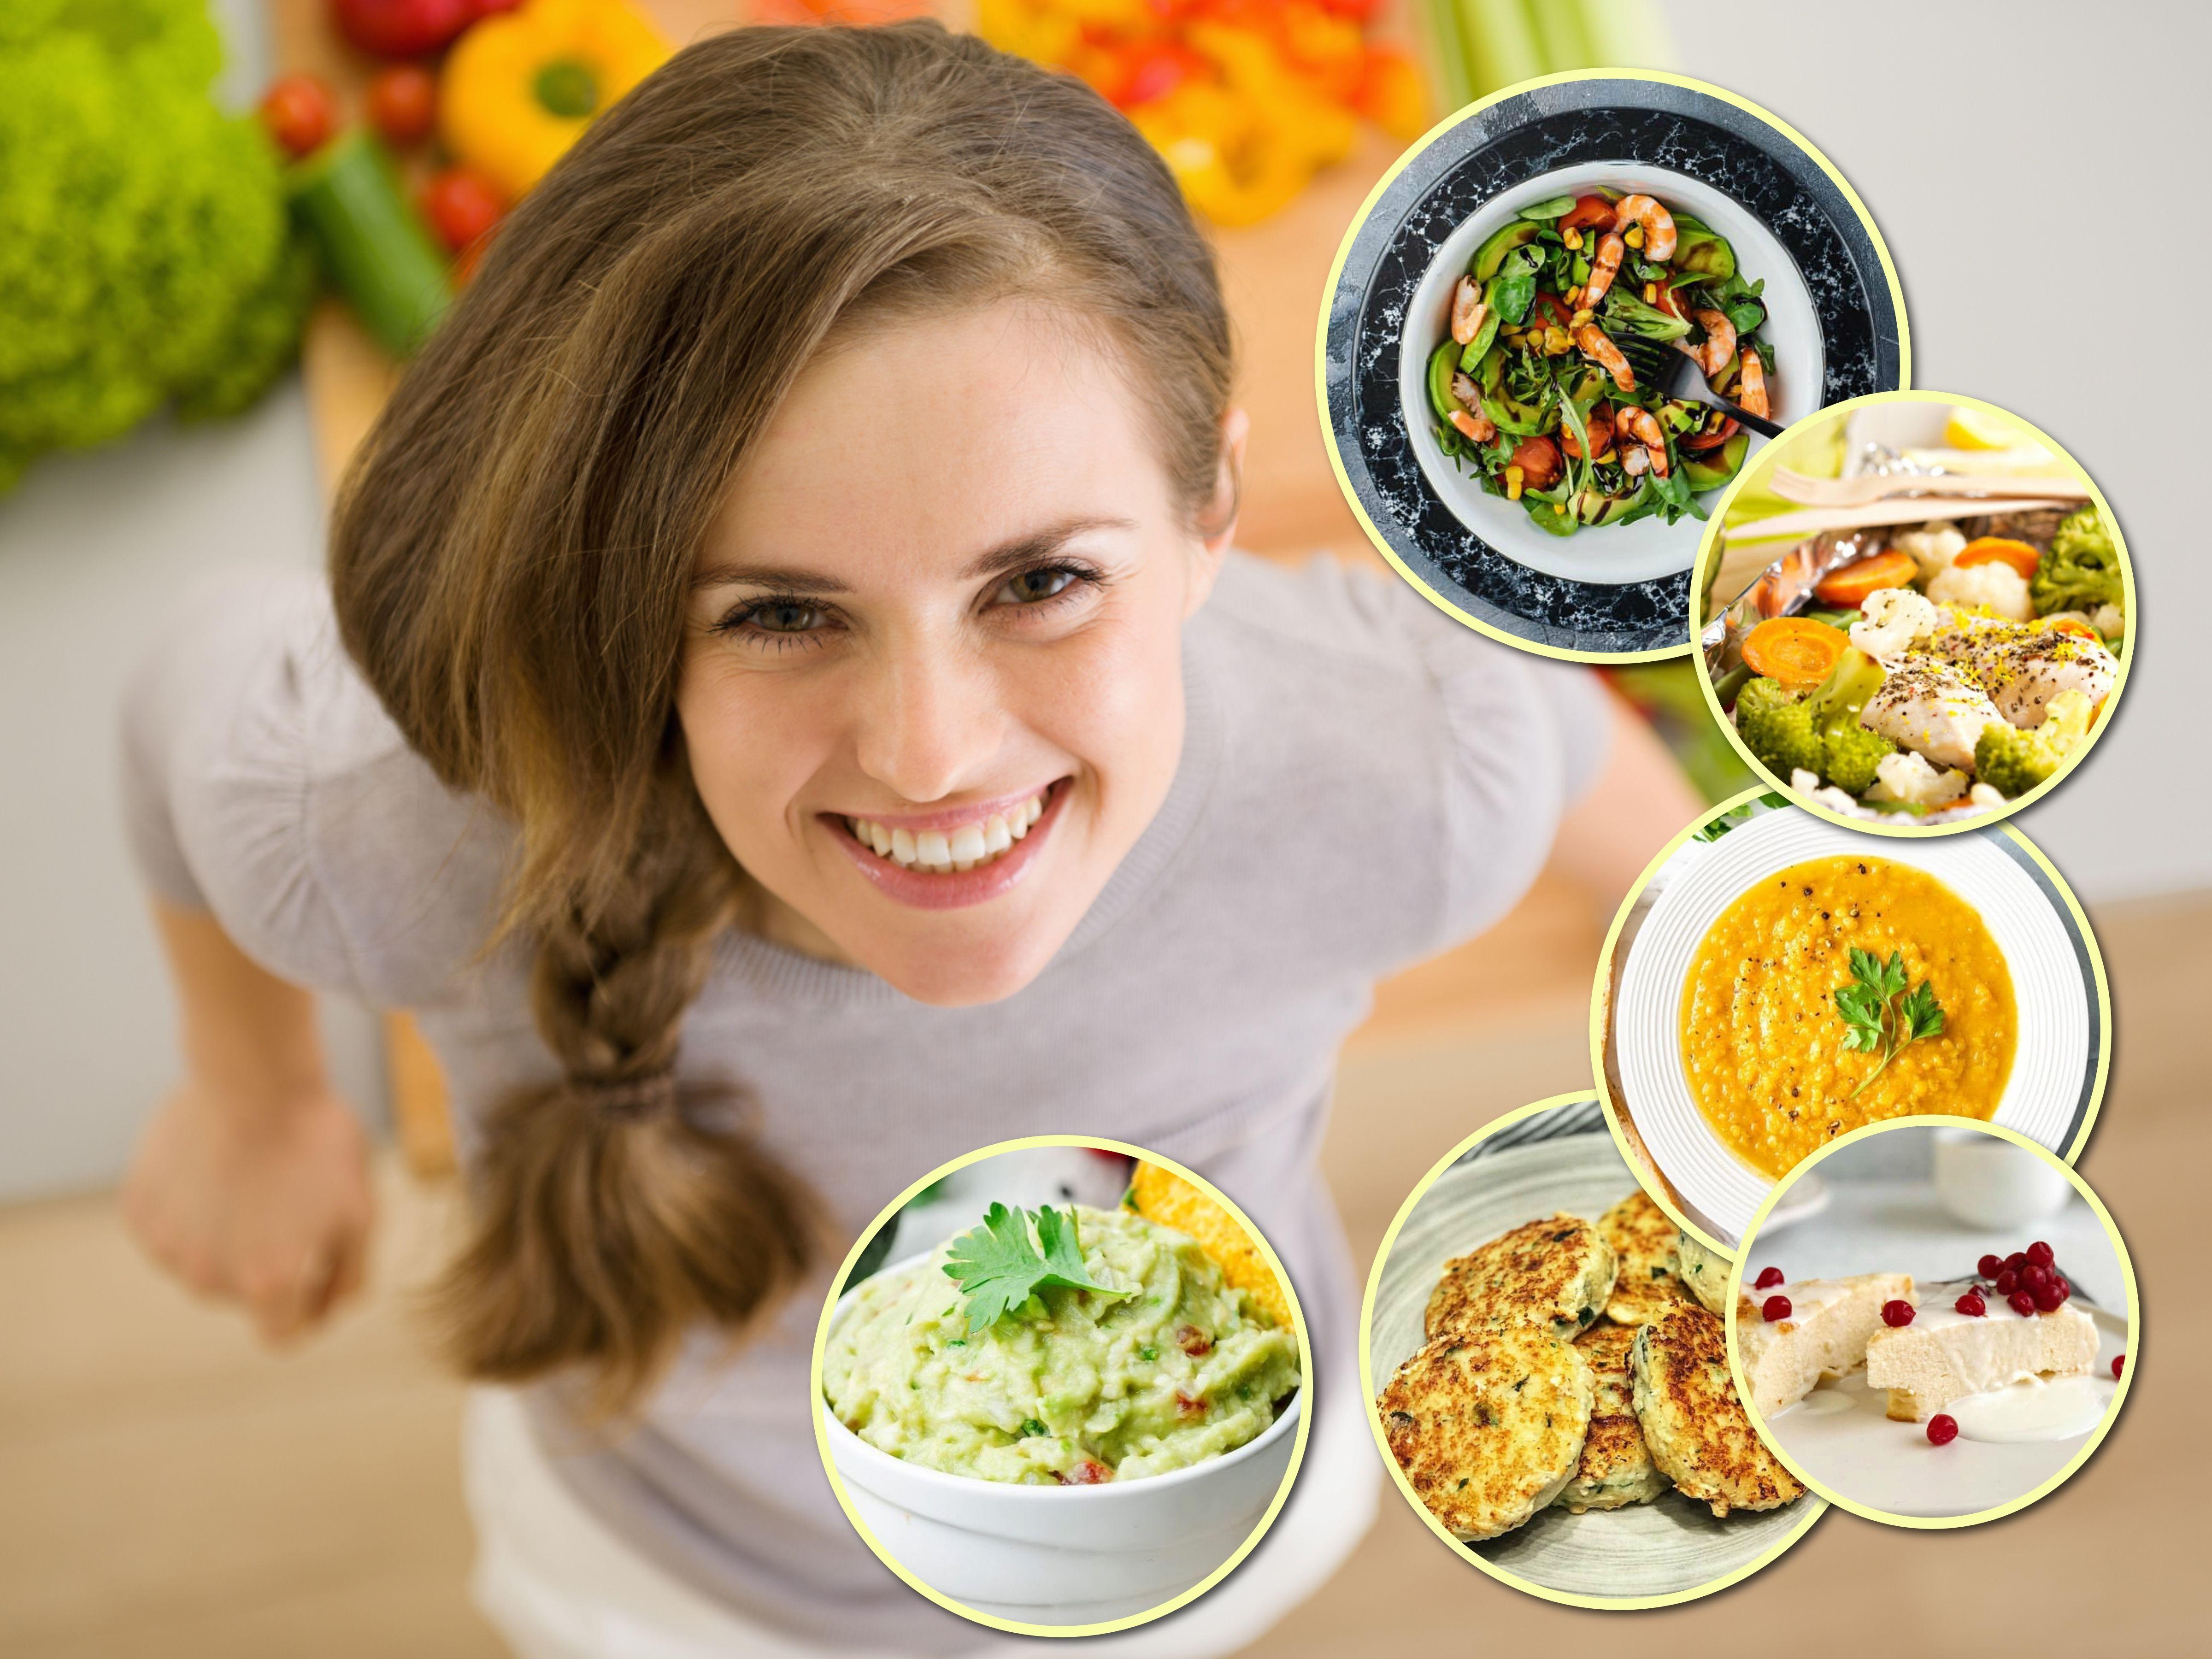 Режим Питания Для Тех Кто Хочет Похудеть. Особенности питания при похудении